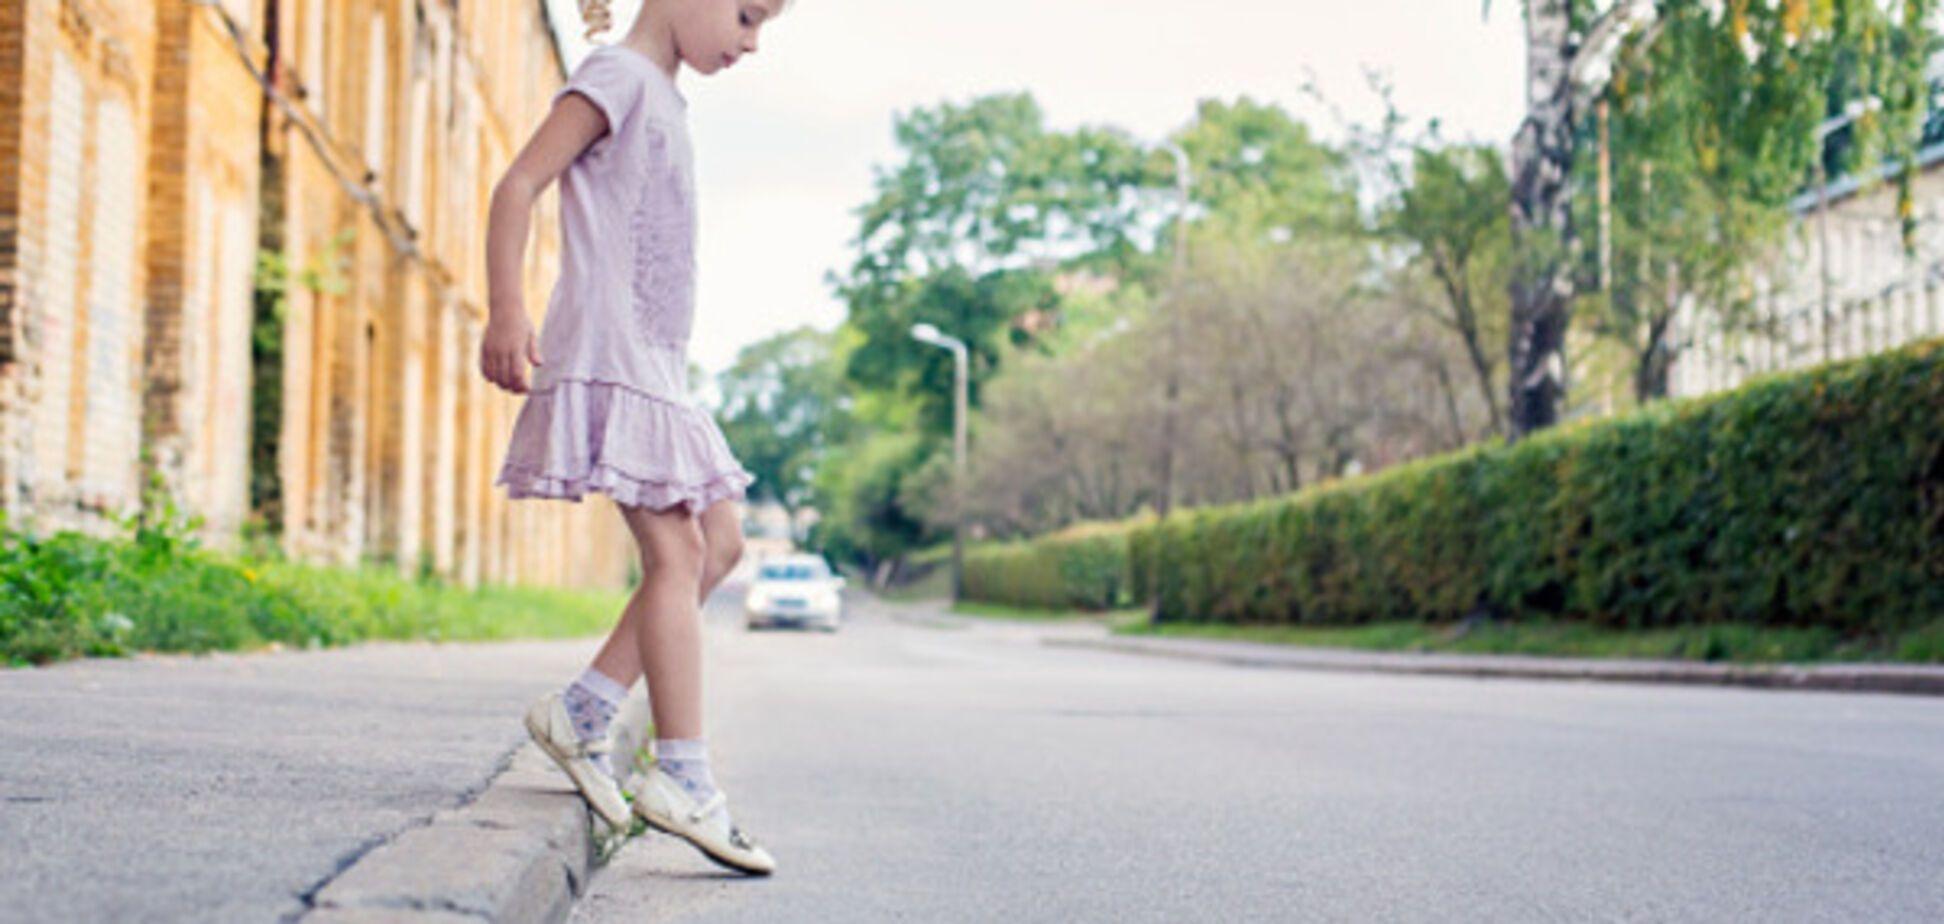 Как уберечь ребенка от нашумевшей смертельно опасной игры: совет психолога